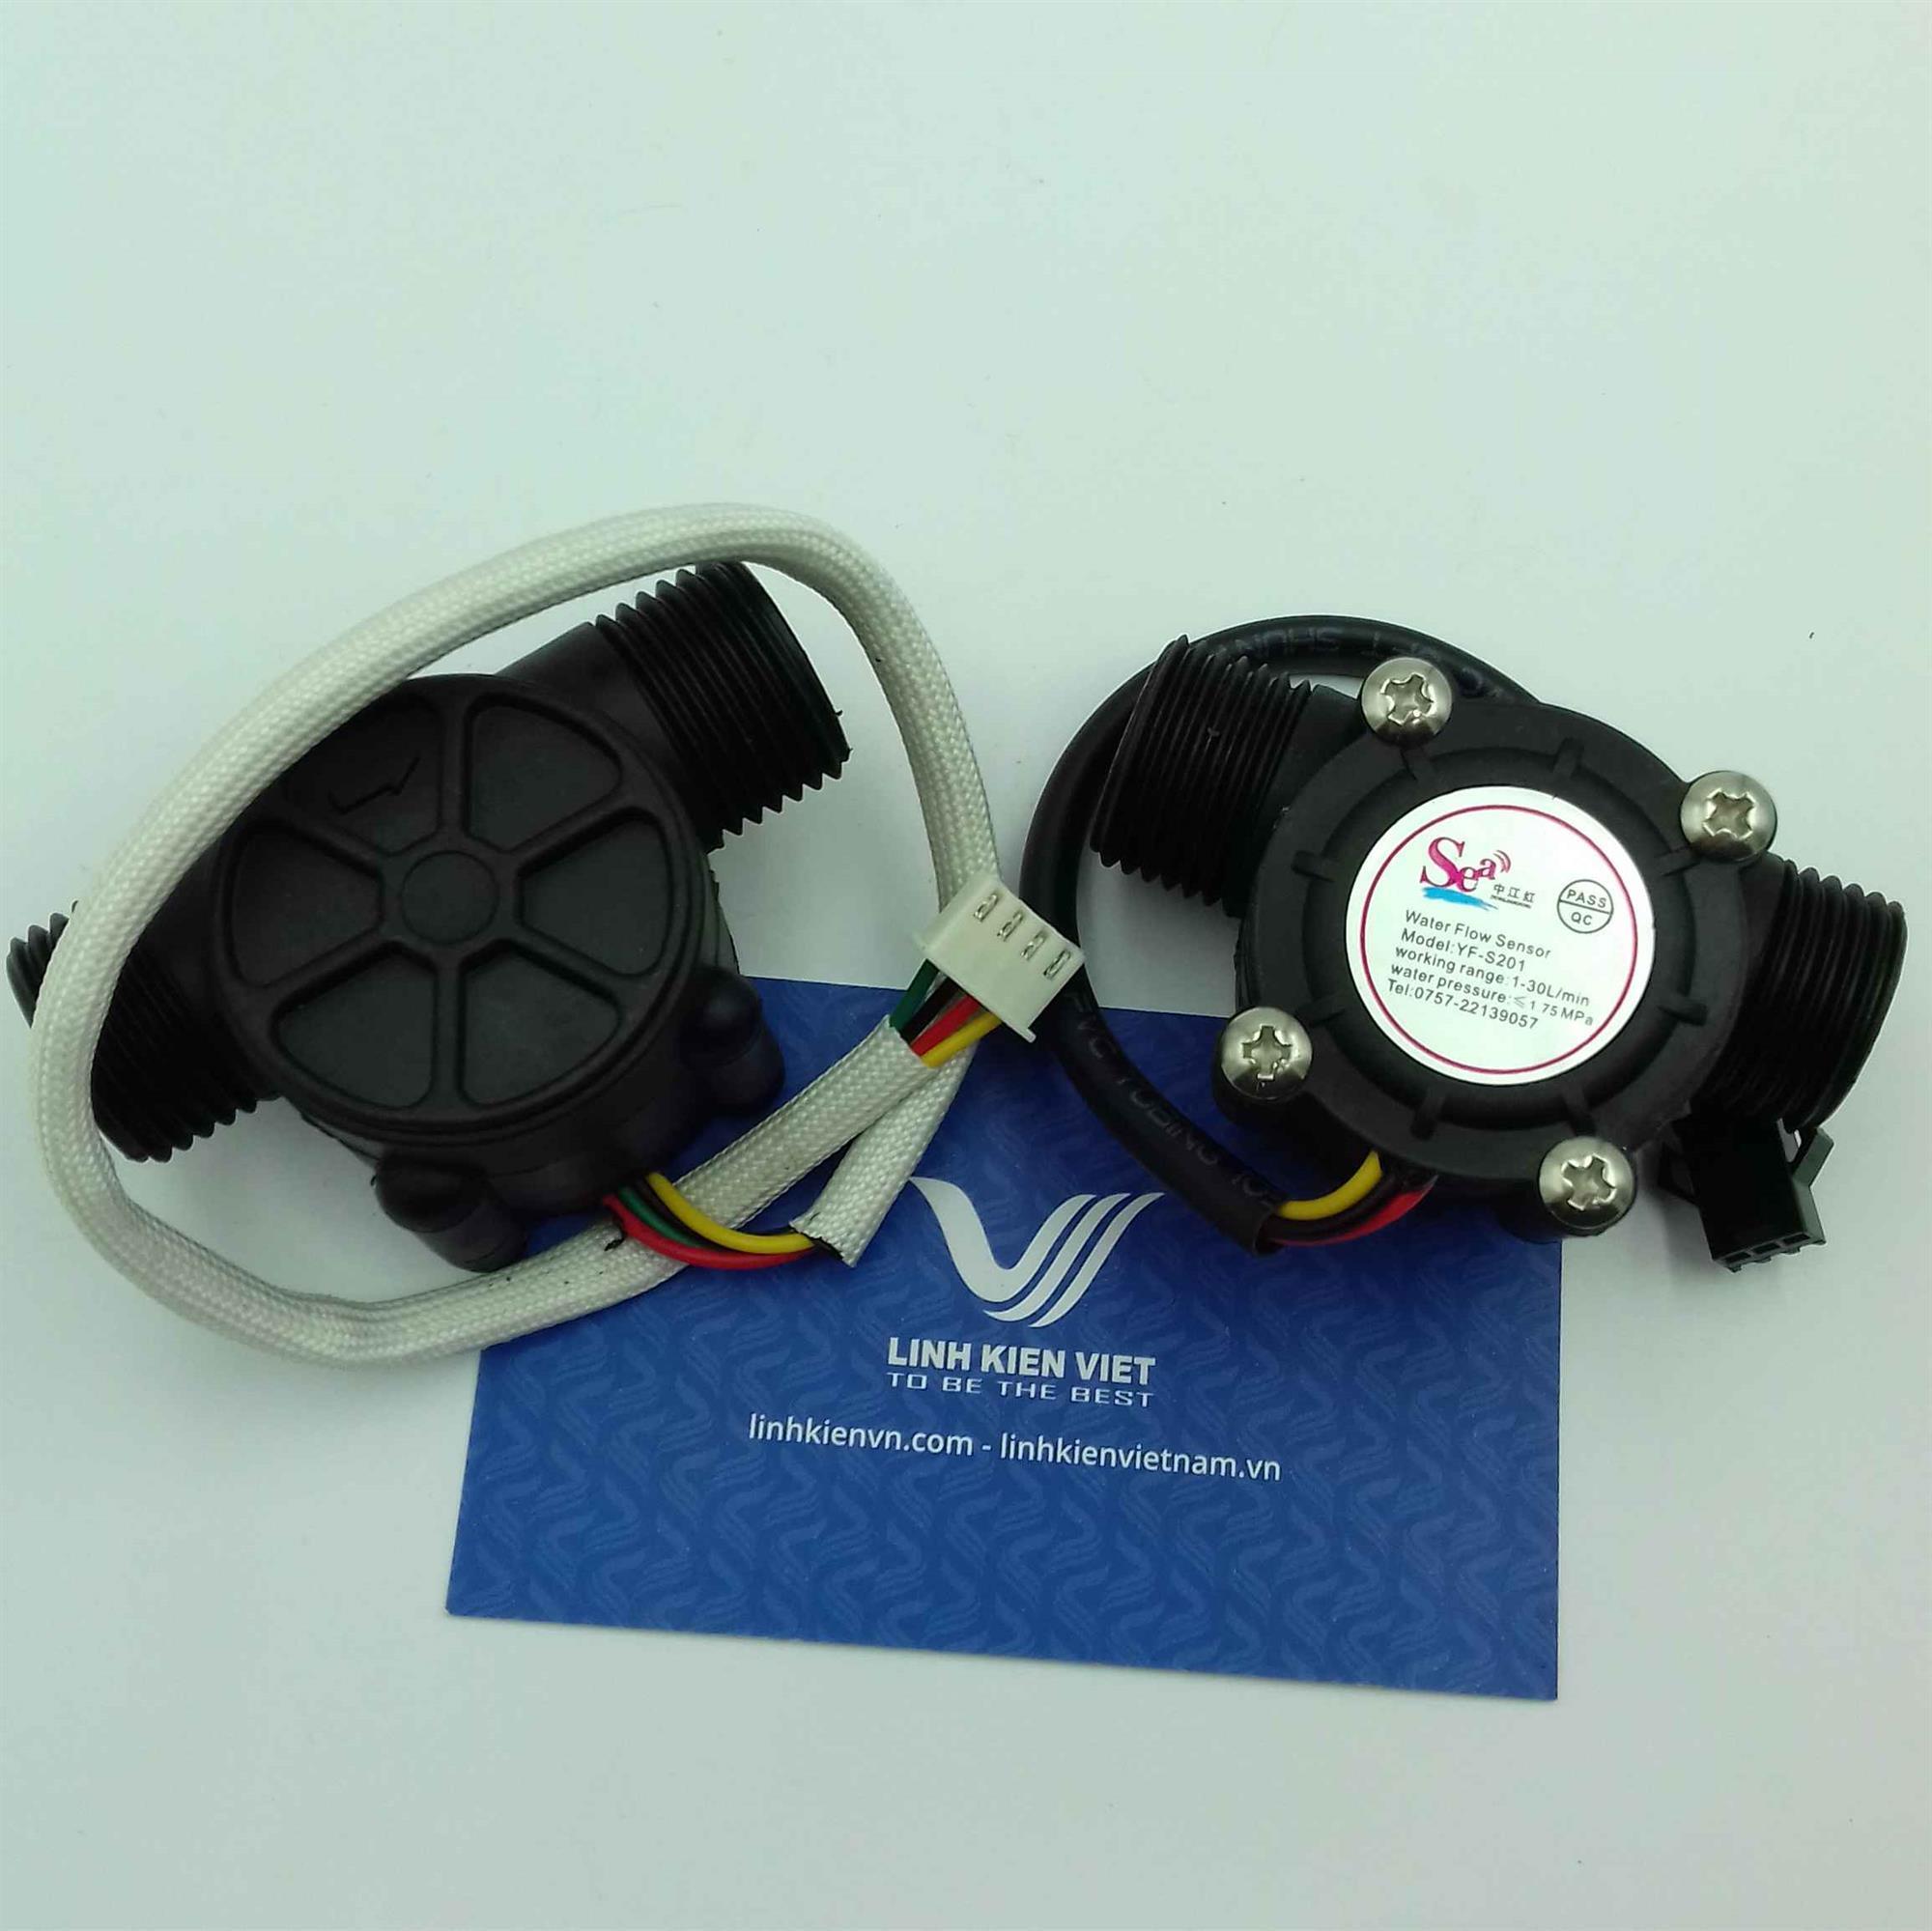 Cảm biến lưu lượng nước YF-S201 có thêm nhiệt độ - i2H13